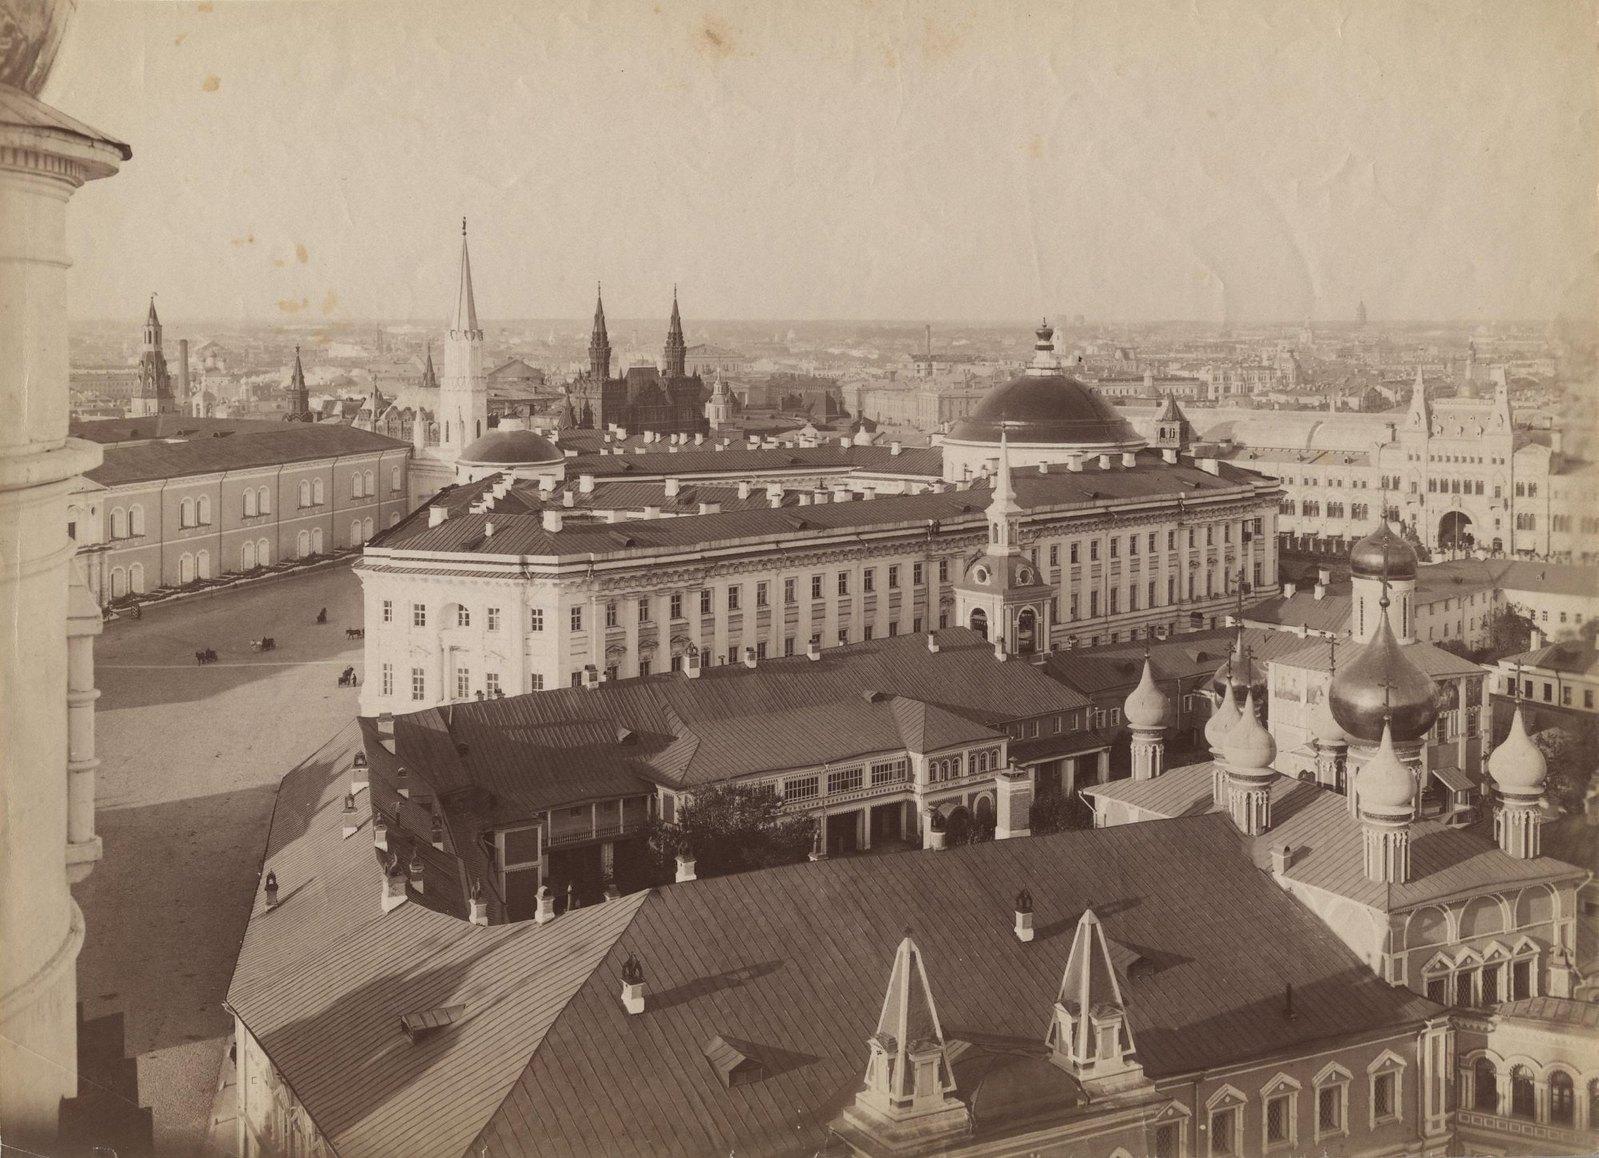 Панорама Московского Кремля с видом на здание Сената и Чудов монастырь